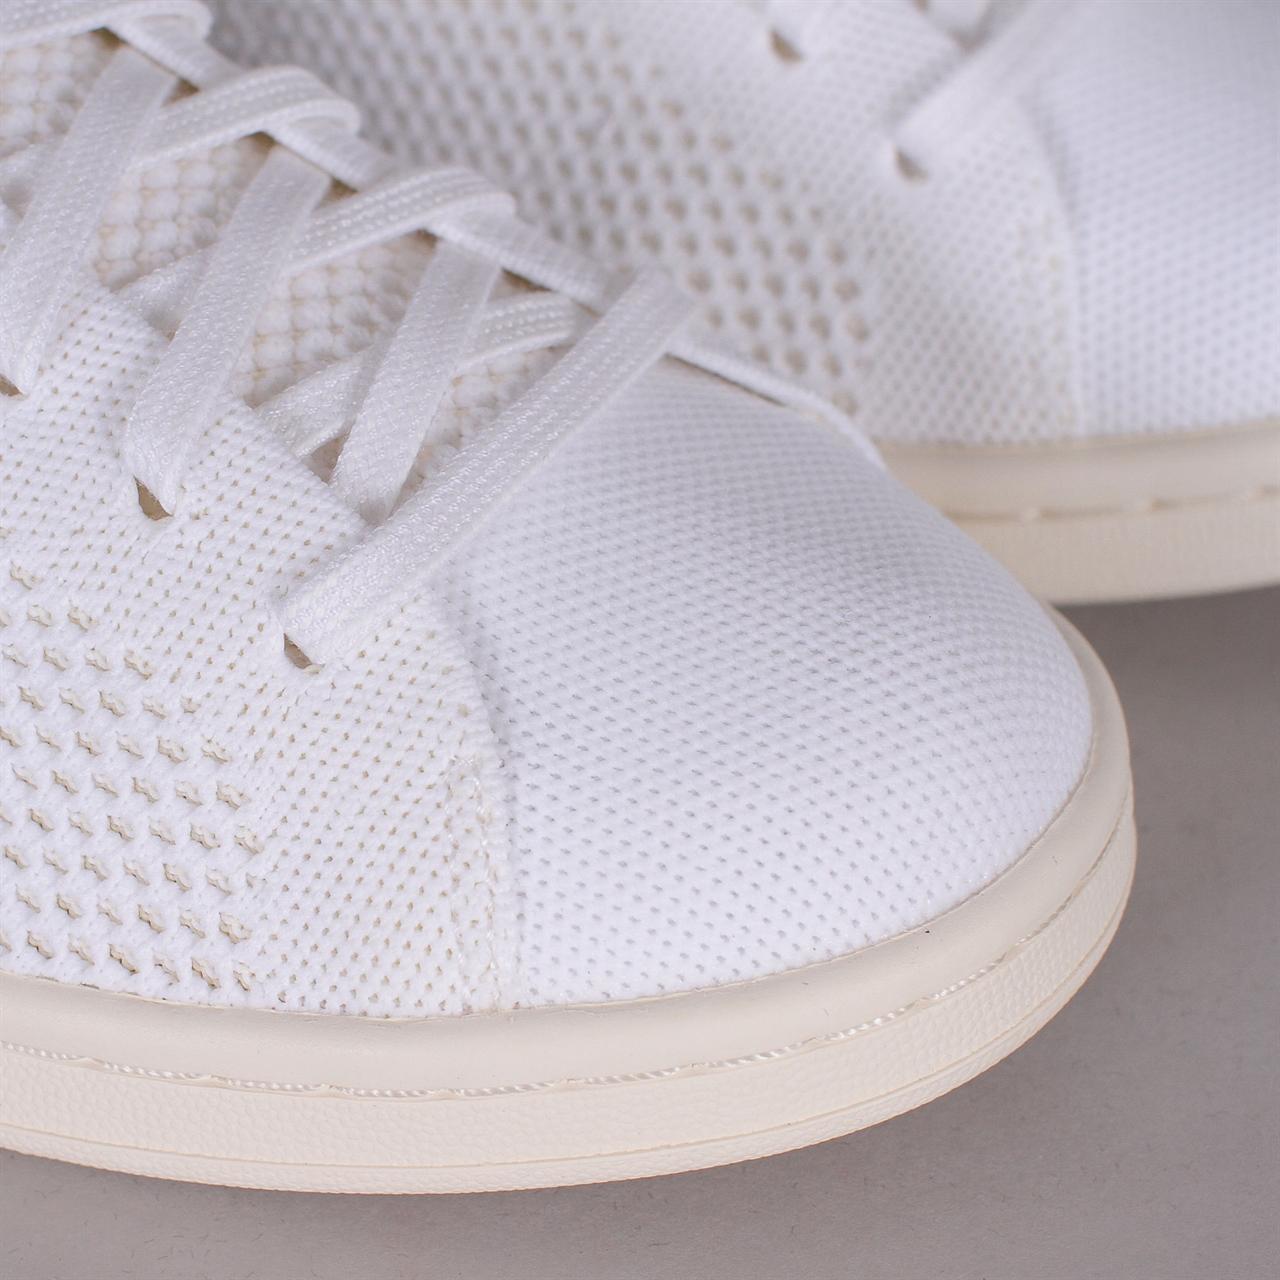 664eeb99cc8 Adidas OriginalsAdidas Originals Stan Smith OG Primeknit (S75146). 1